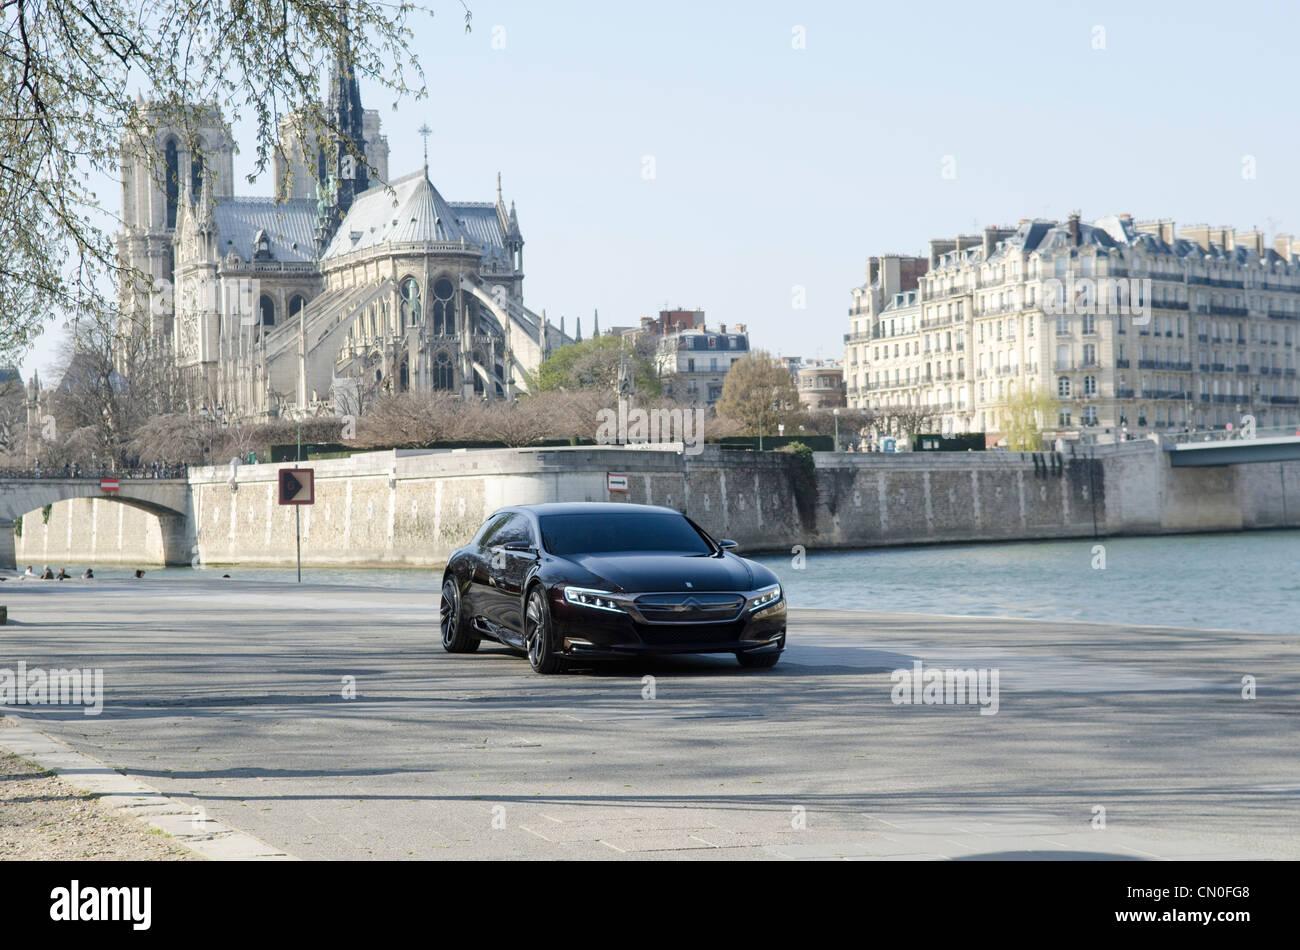 Citroen Concept Cars 2012